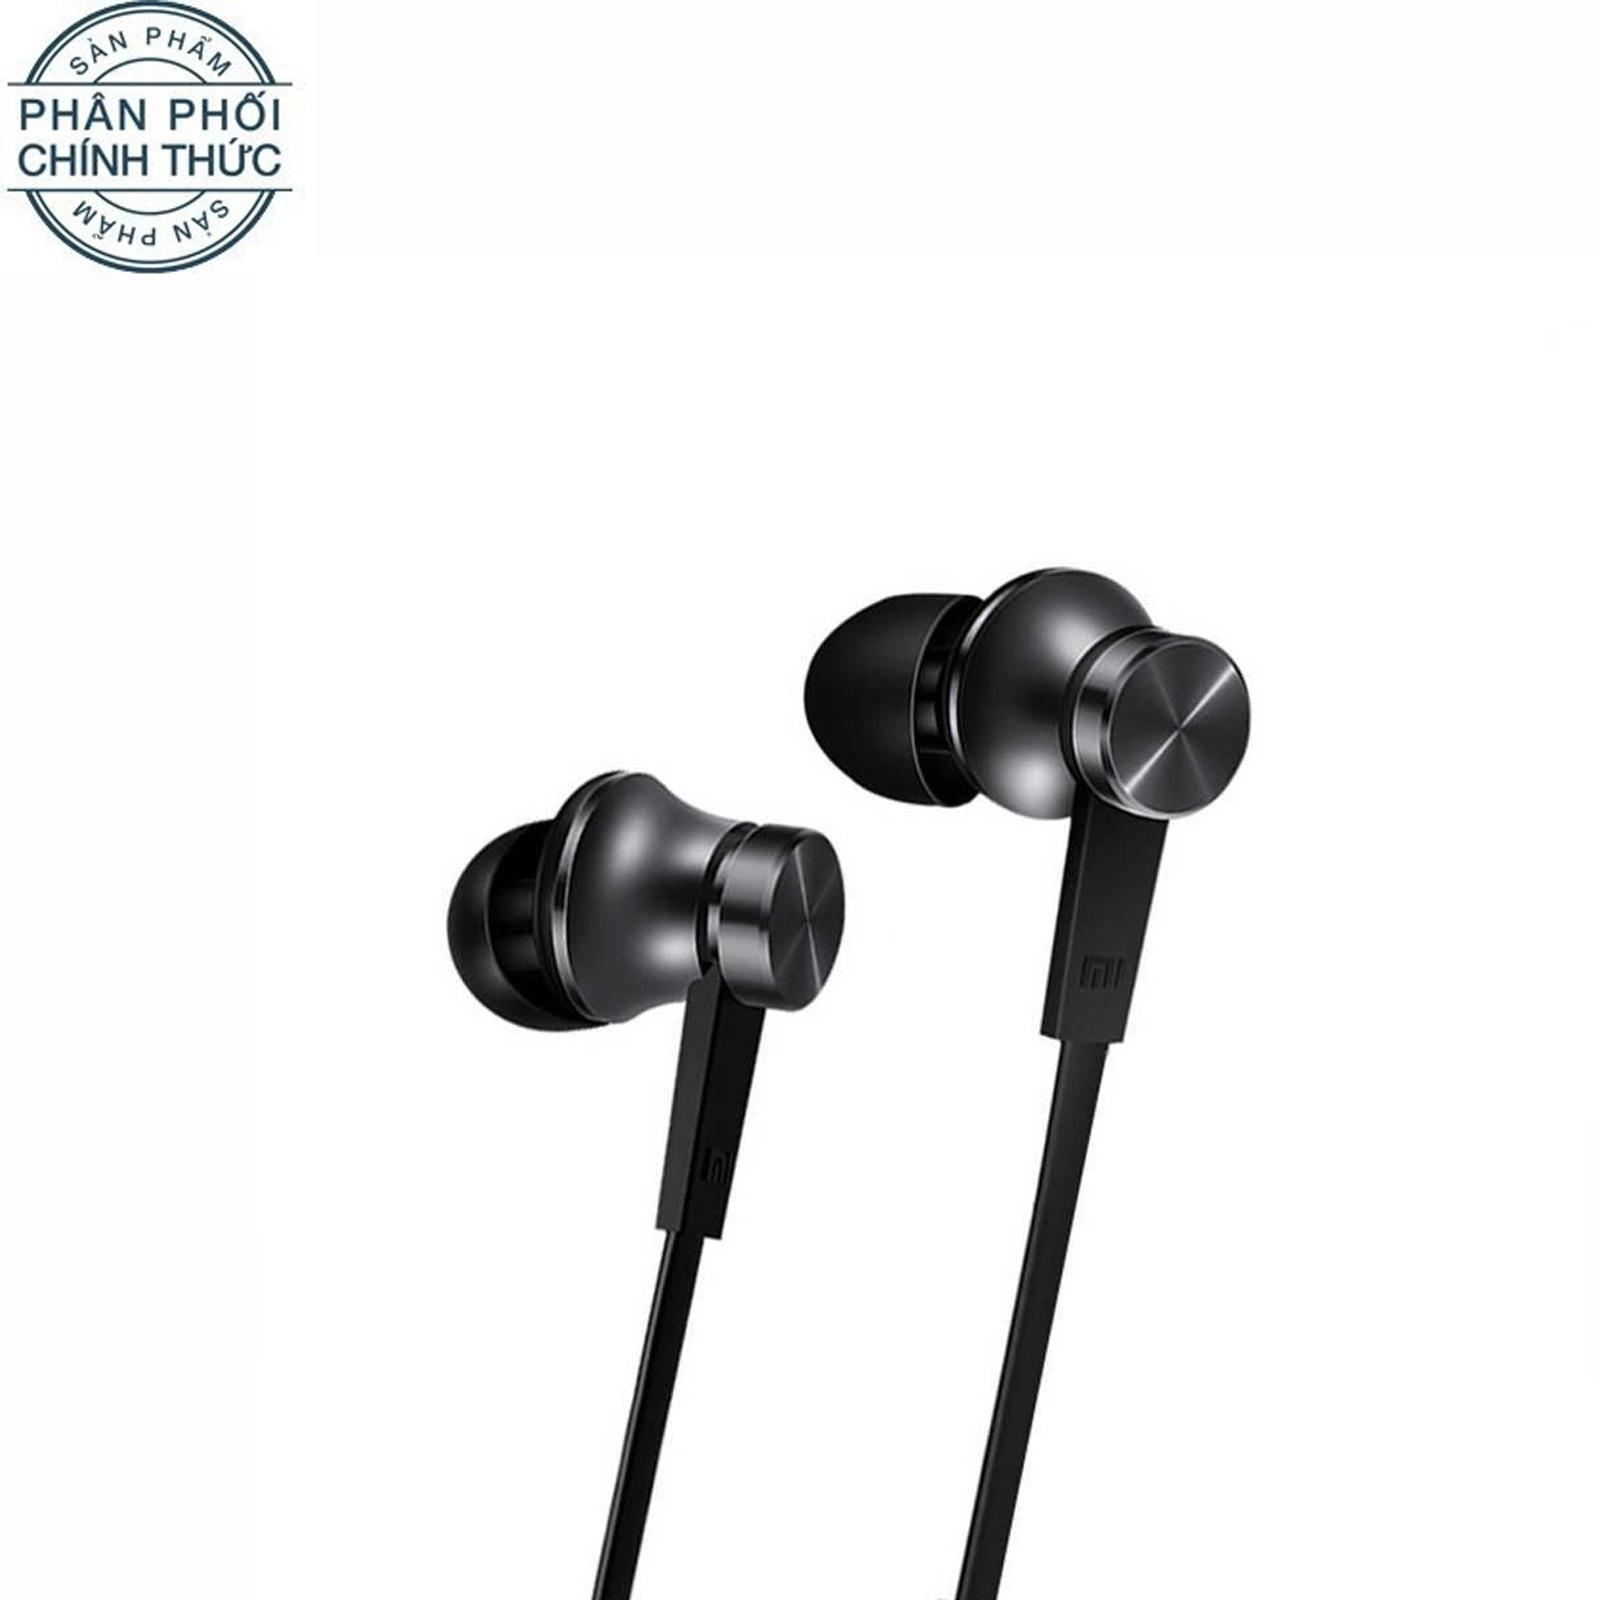 Giá Bán Tai Nghe Nhet Tai Xiaomi Mi In Ear Headphones Basic 2016 Đen Hang Phan Phối Chinh Thức Xiaomi Trực Tuyến